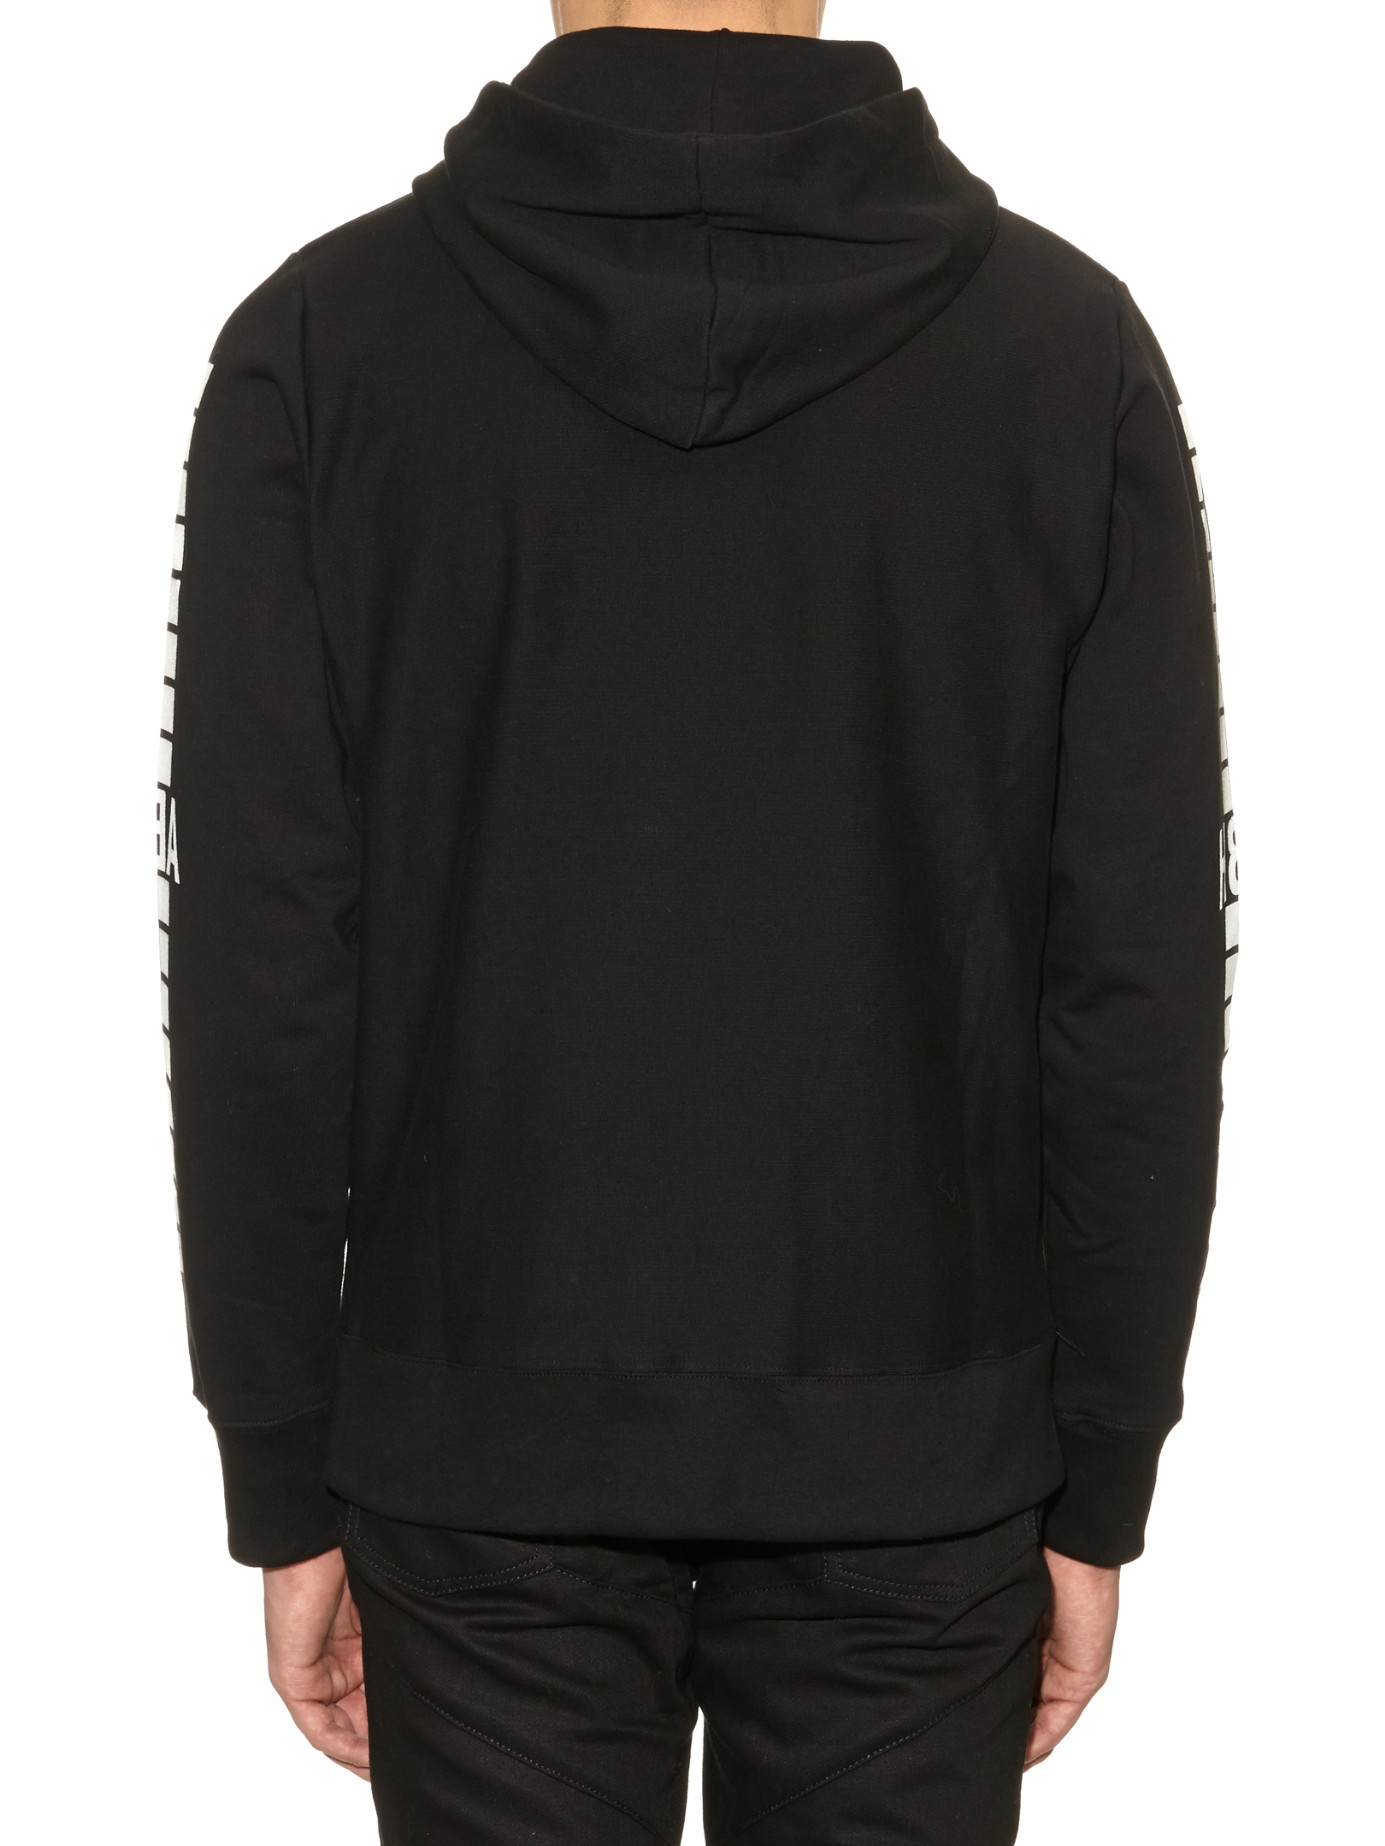 Hood Air Lines : Hood by air detroit hooded sweatshirt in black for men lyst